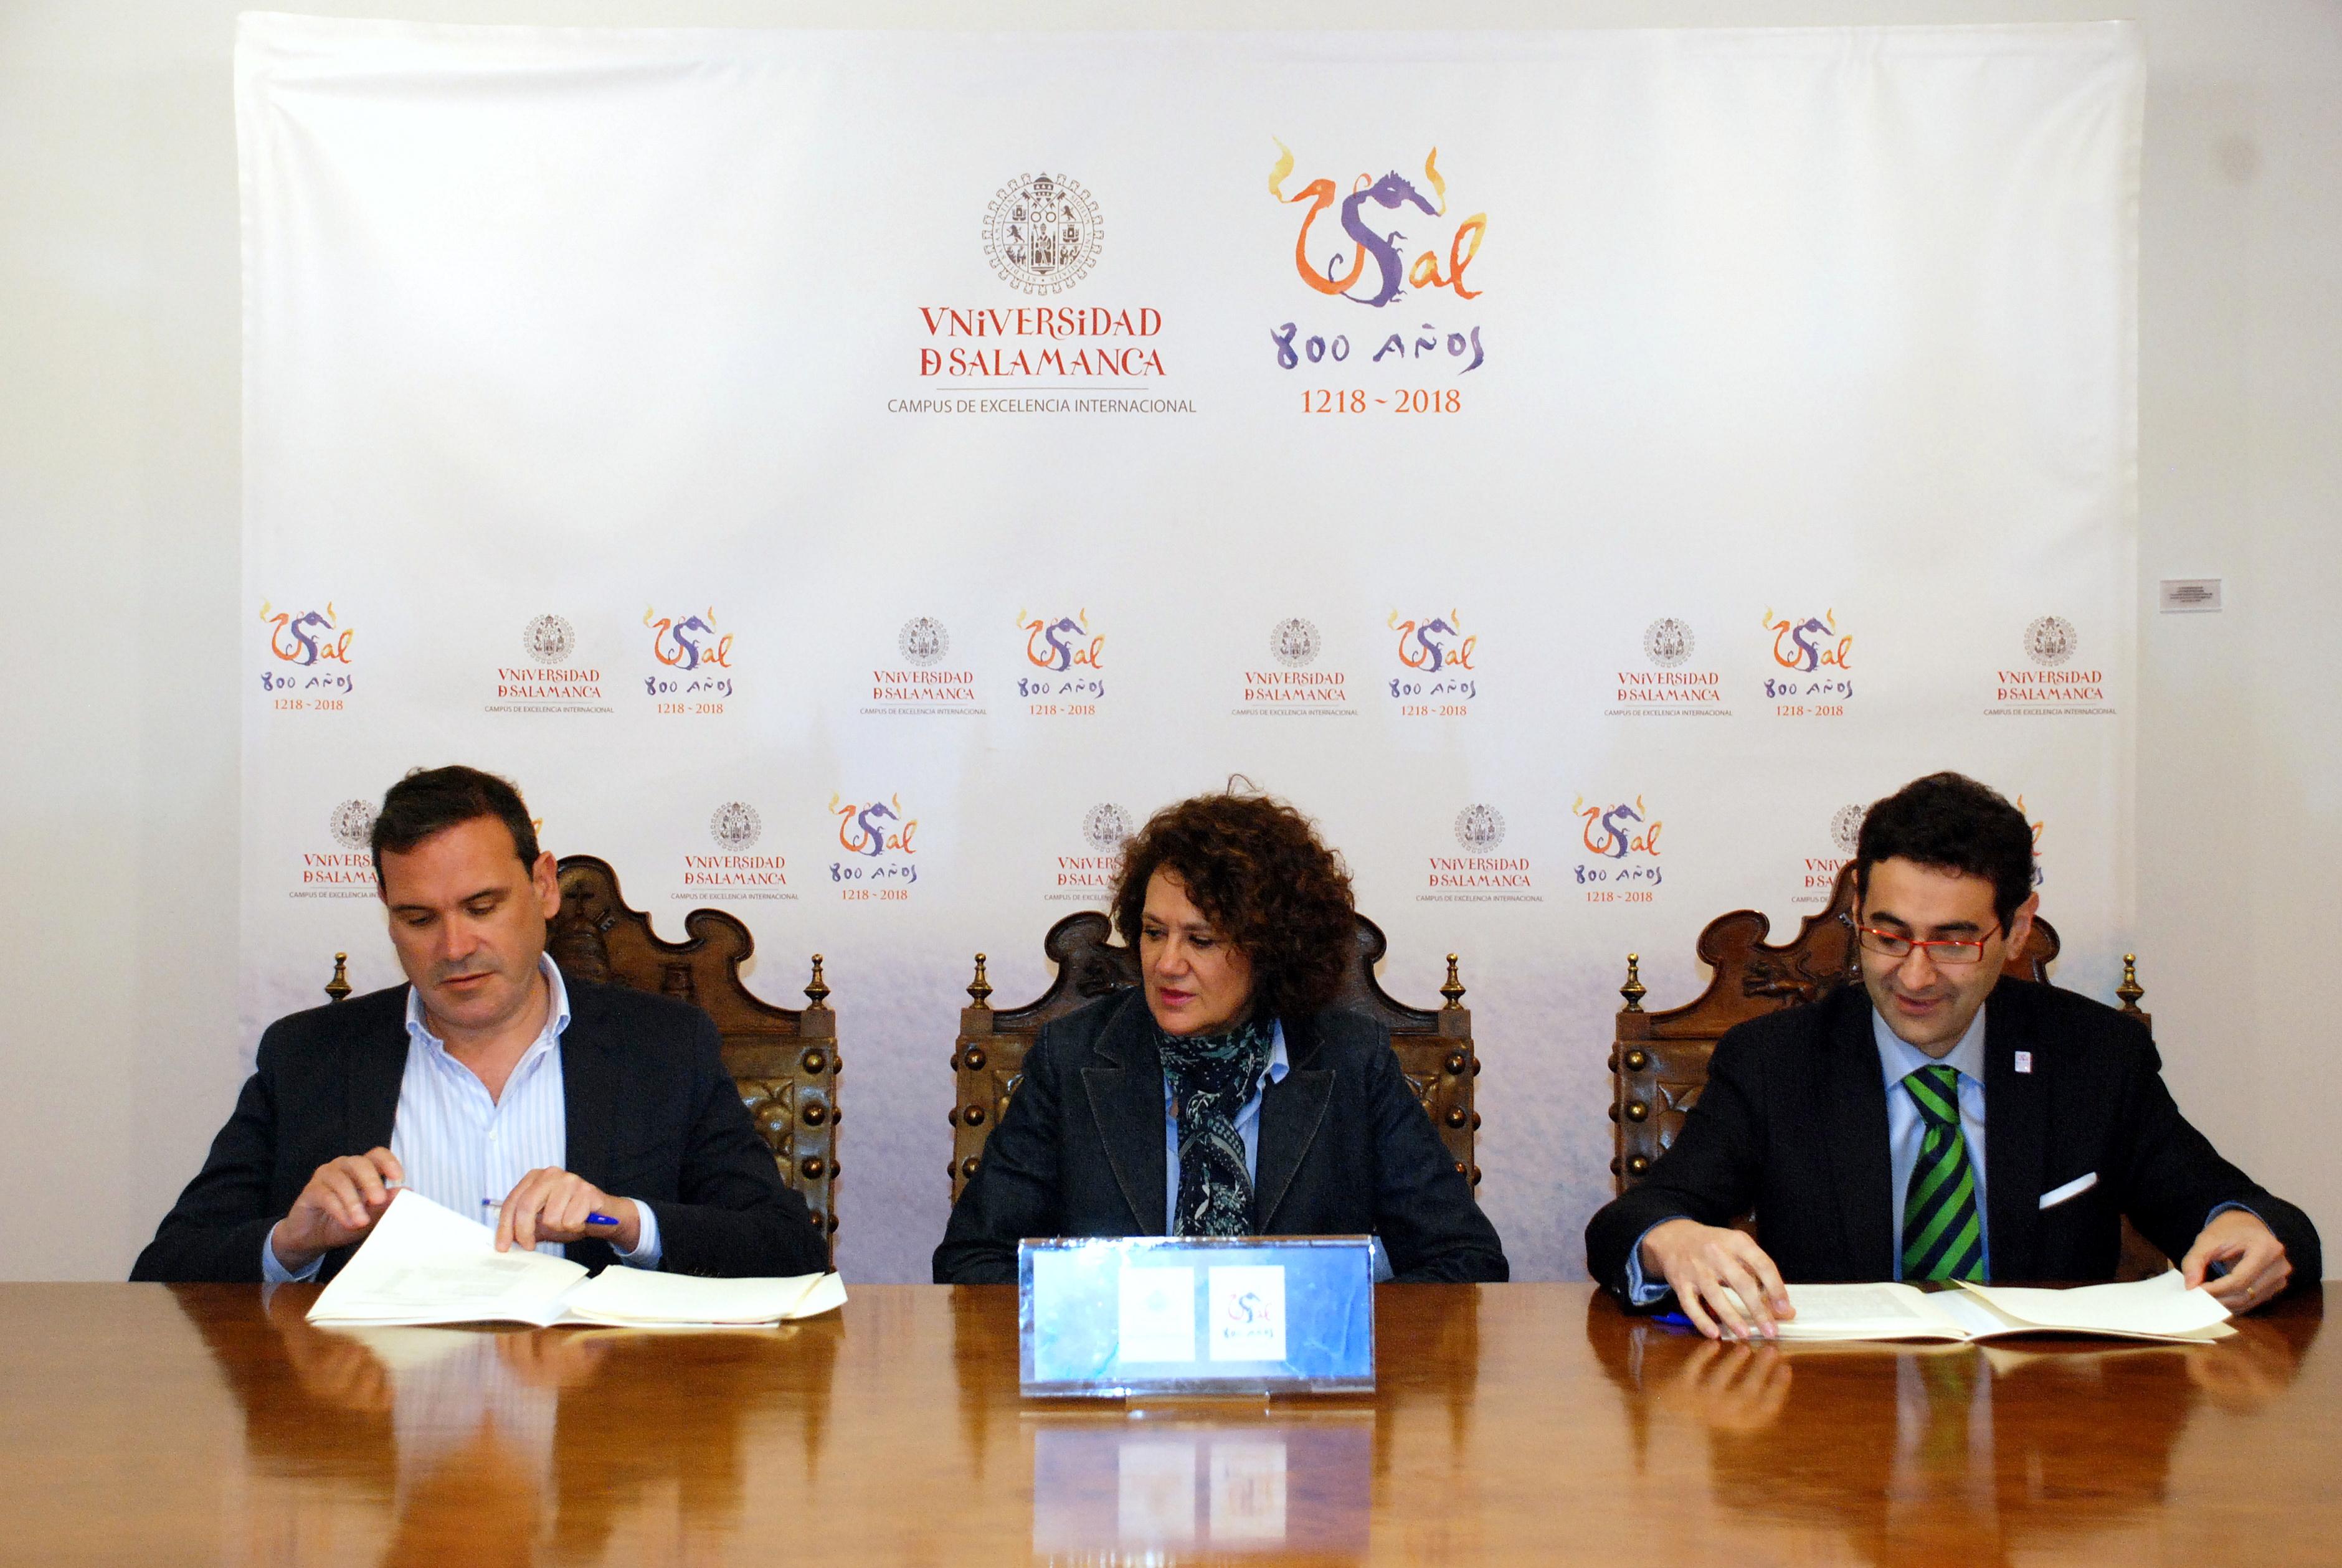 La Universidad de Salamanca acuerda la apertura de una nueva sede de sus Escuelas de Lengua Española en Varsovia